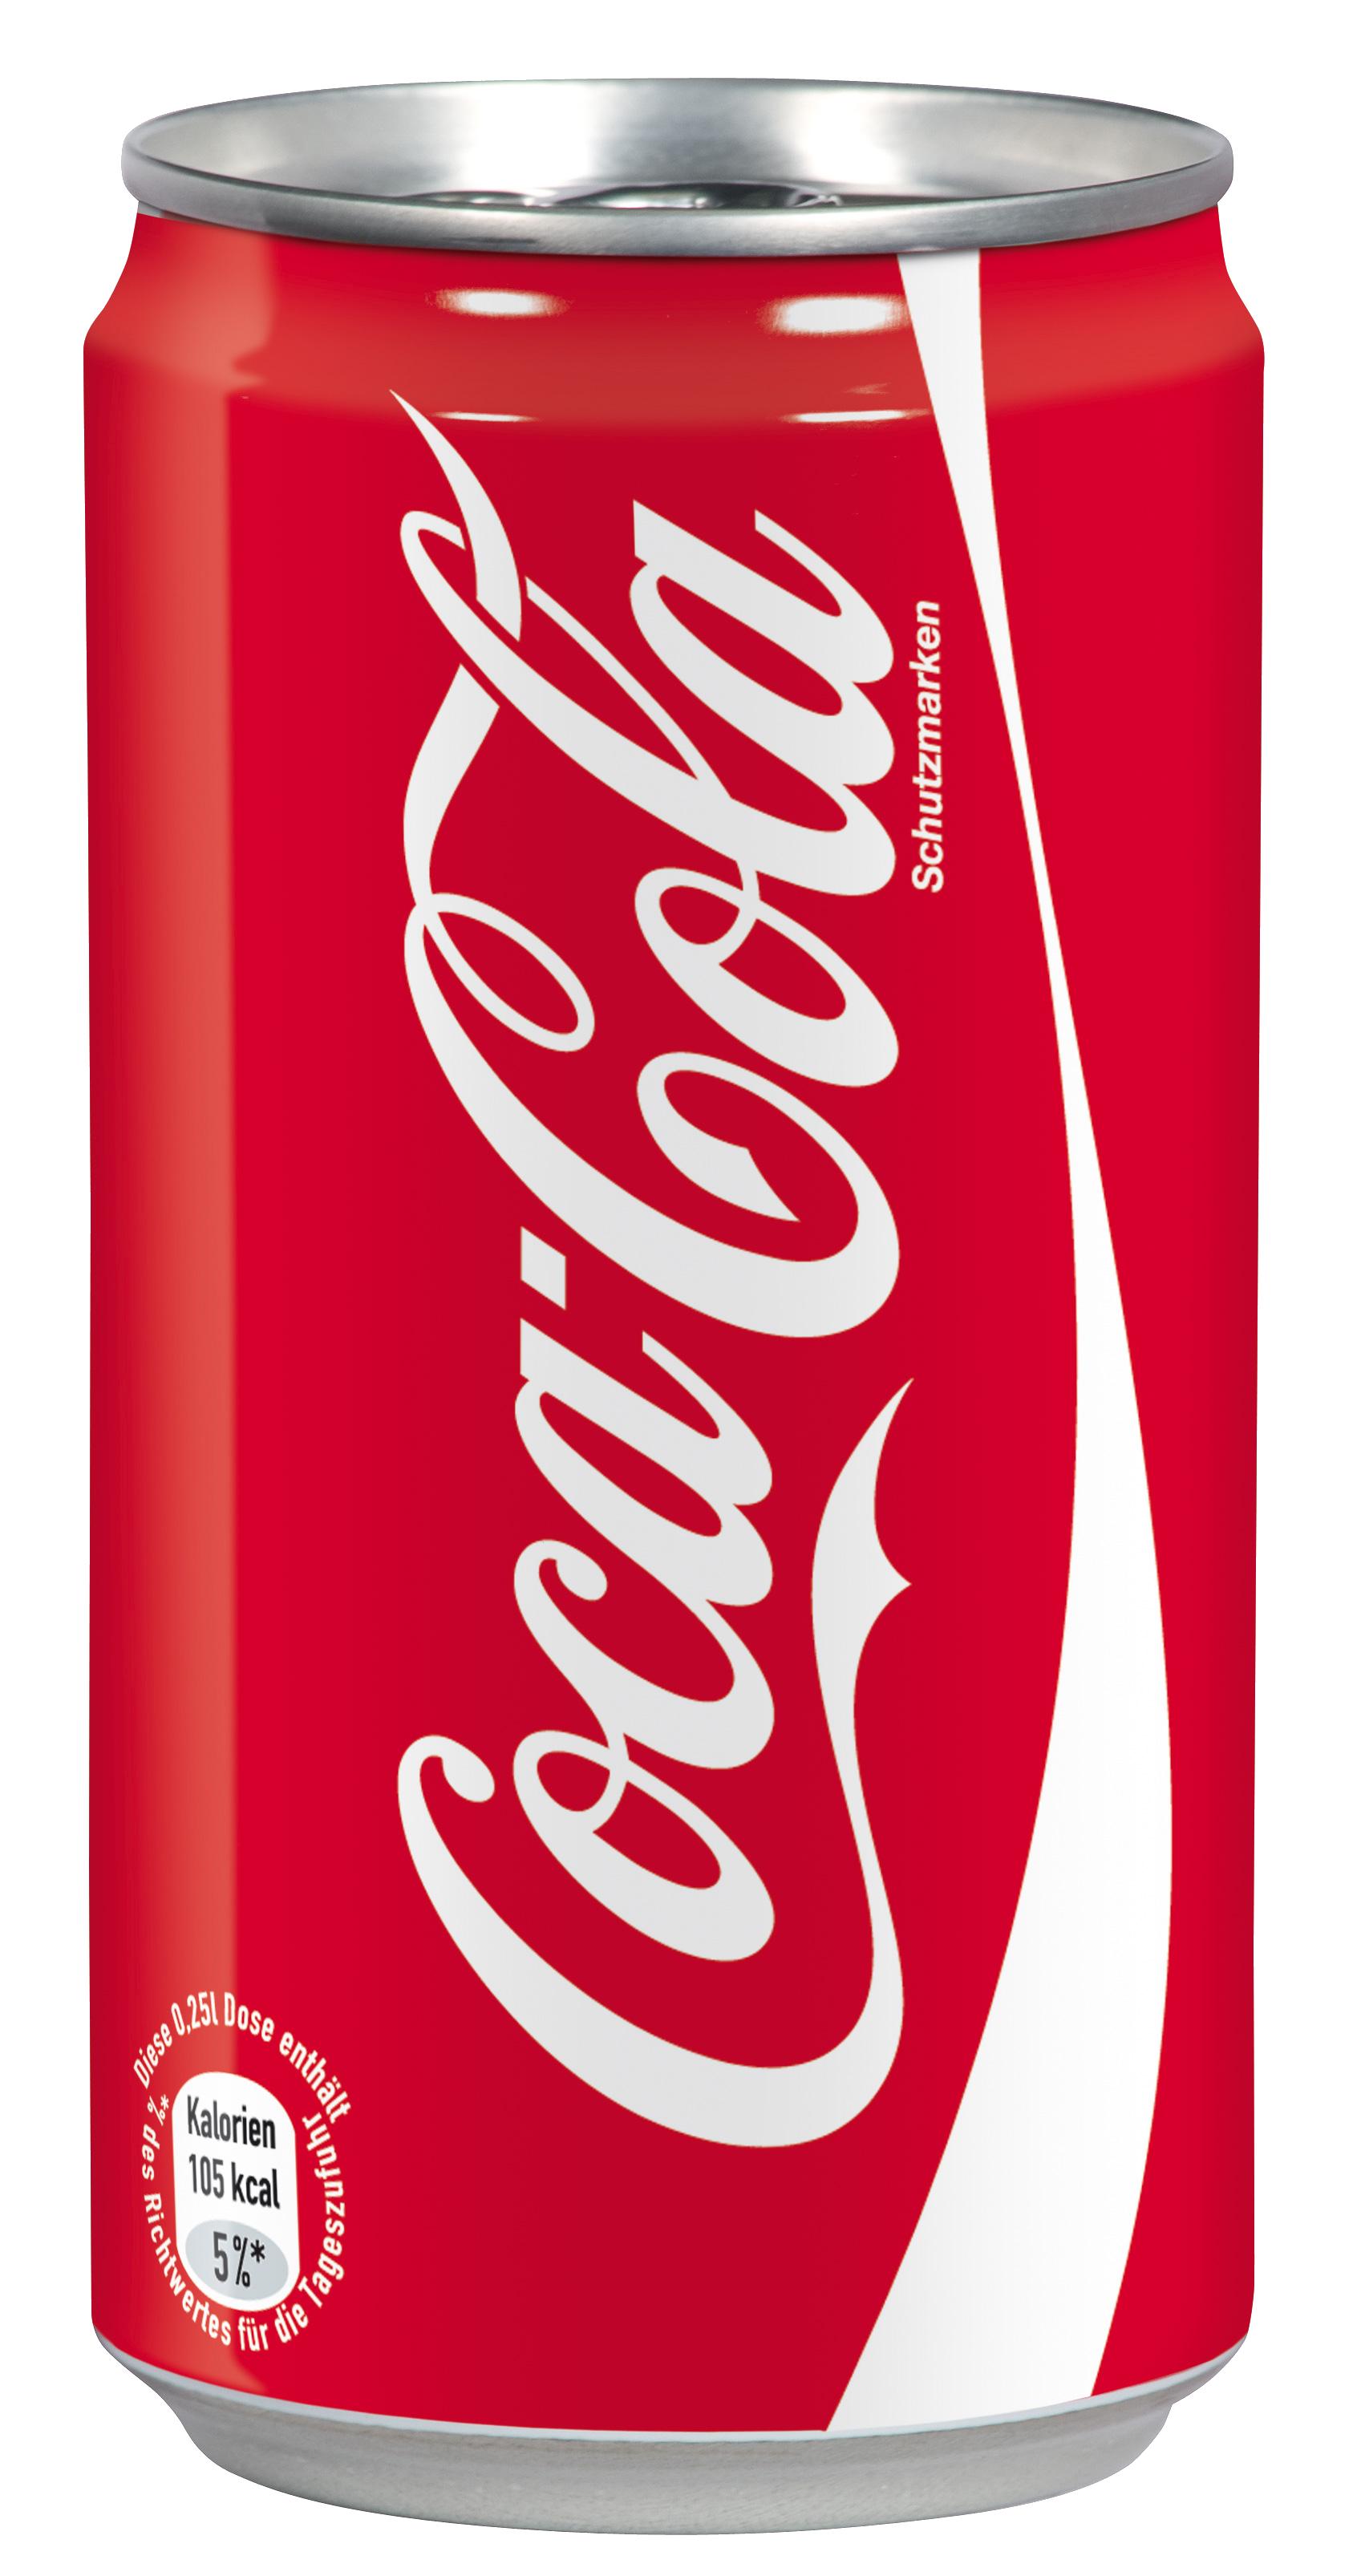 Coca cola clipart banner transparent download Free Coca-Cola Cliparts, Download Free Clip Art, Free Clip Art on ... banner transparent download